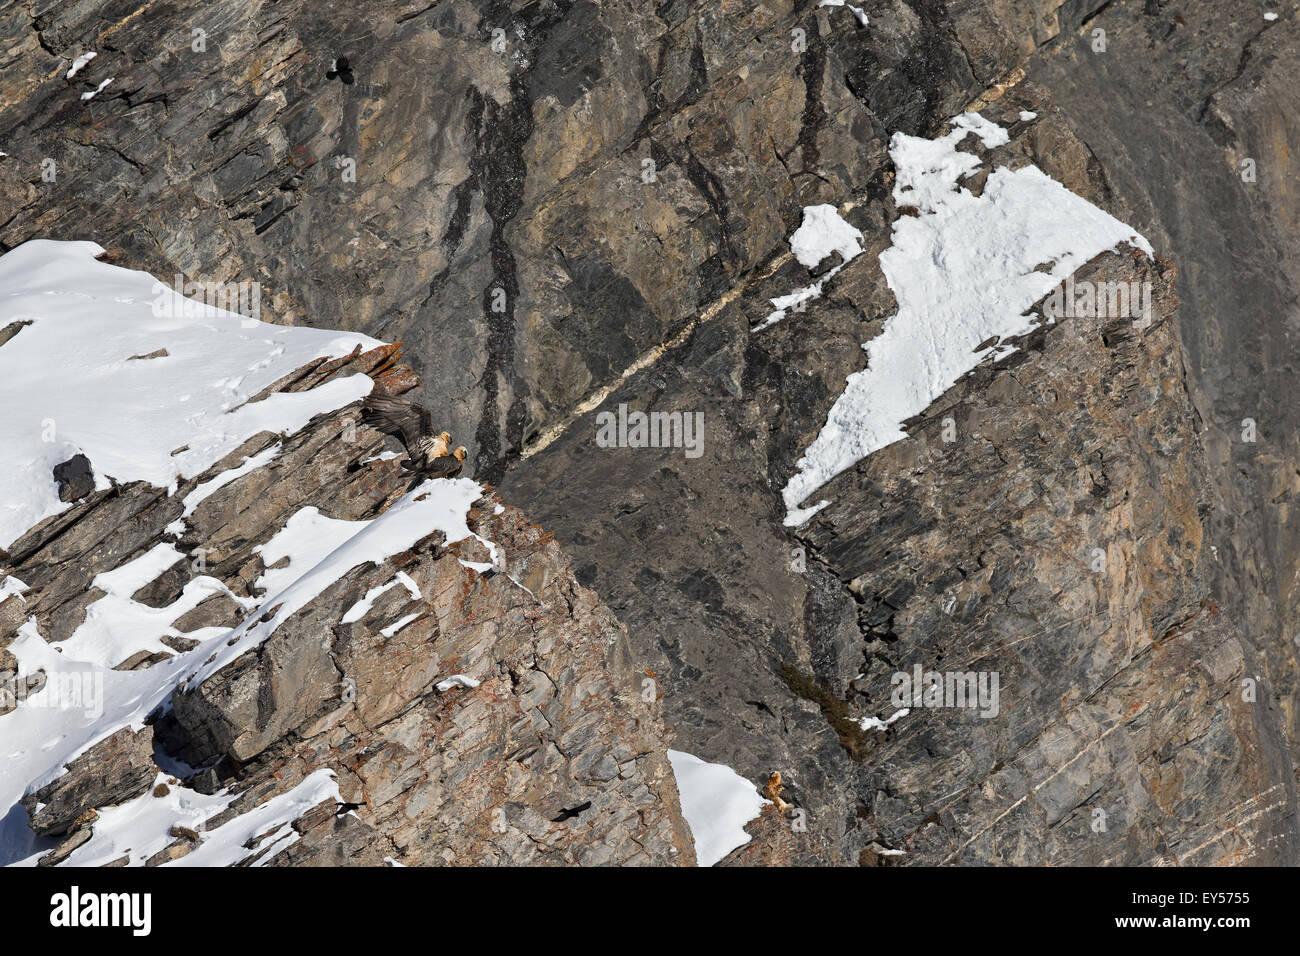 Lammergeiers mating - Swiss Alps - Stock Image